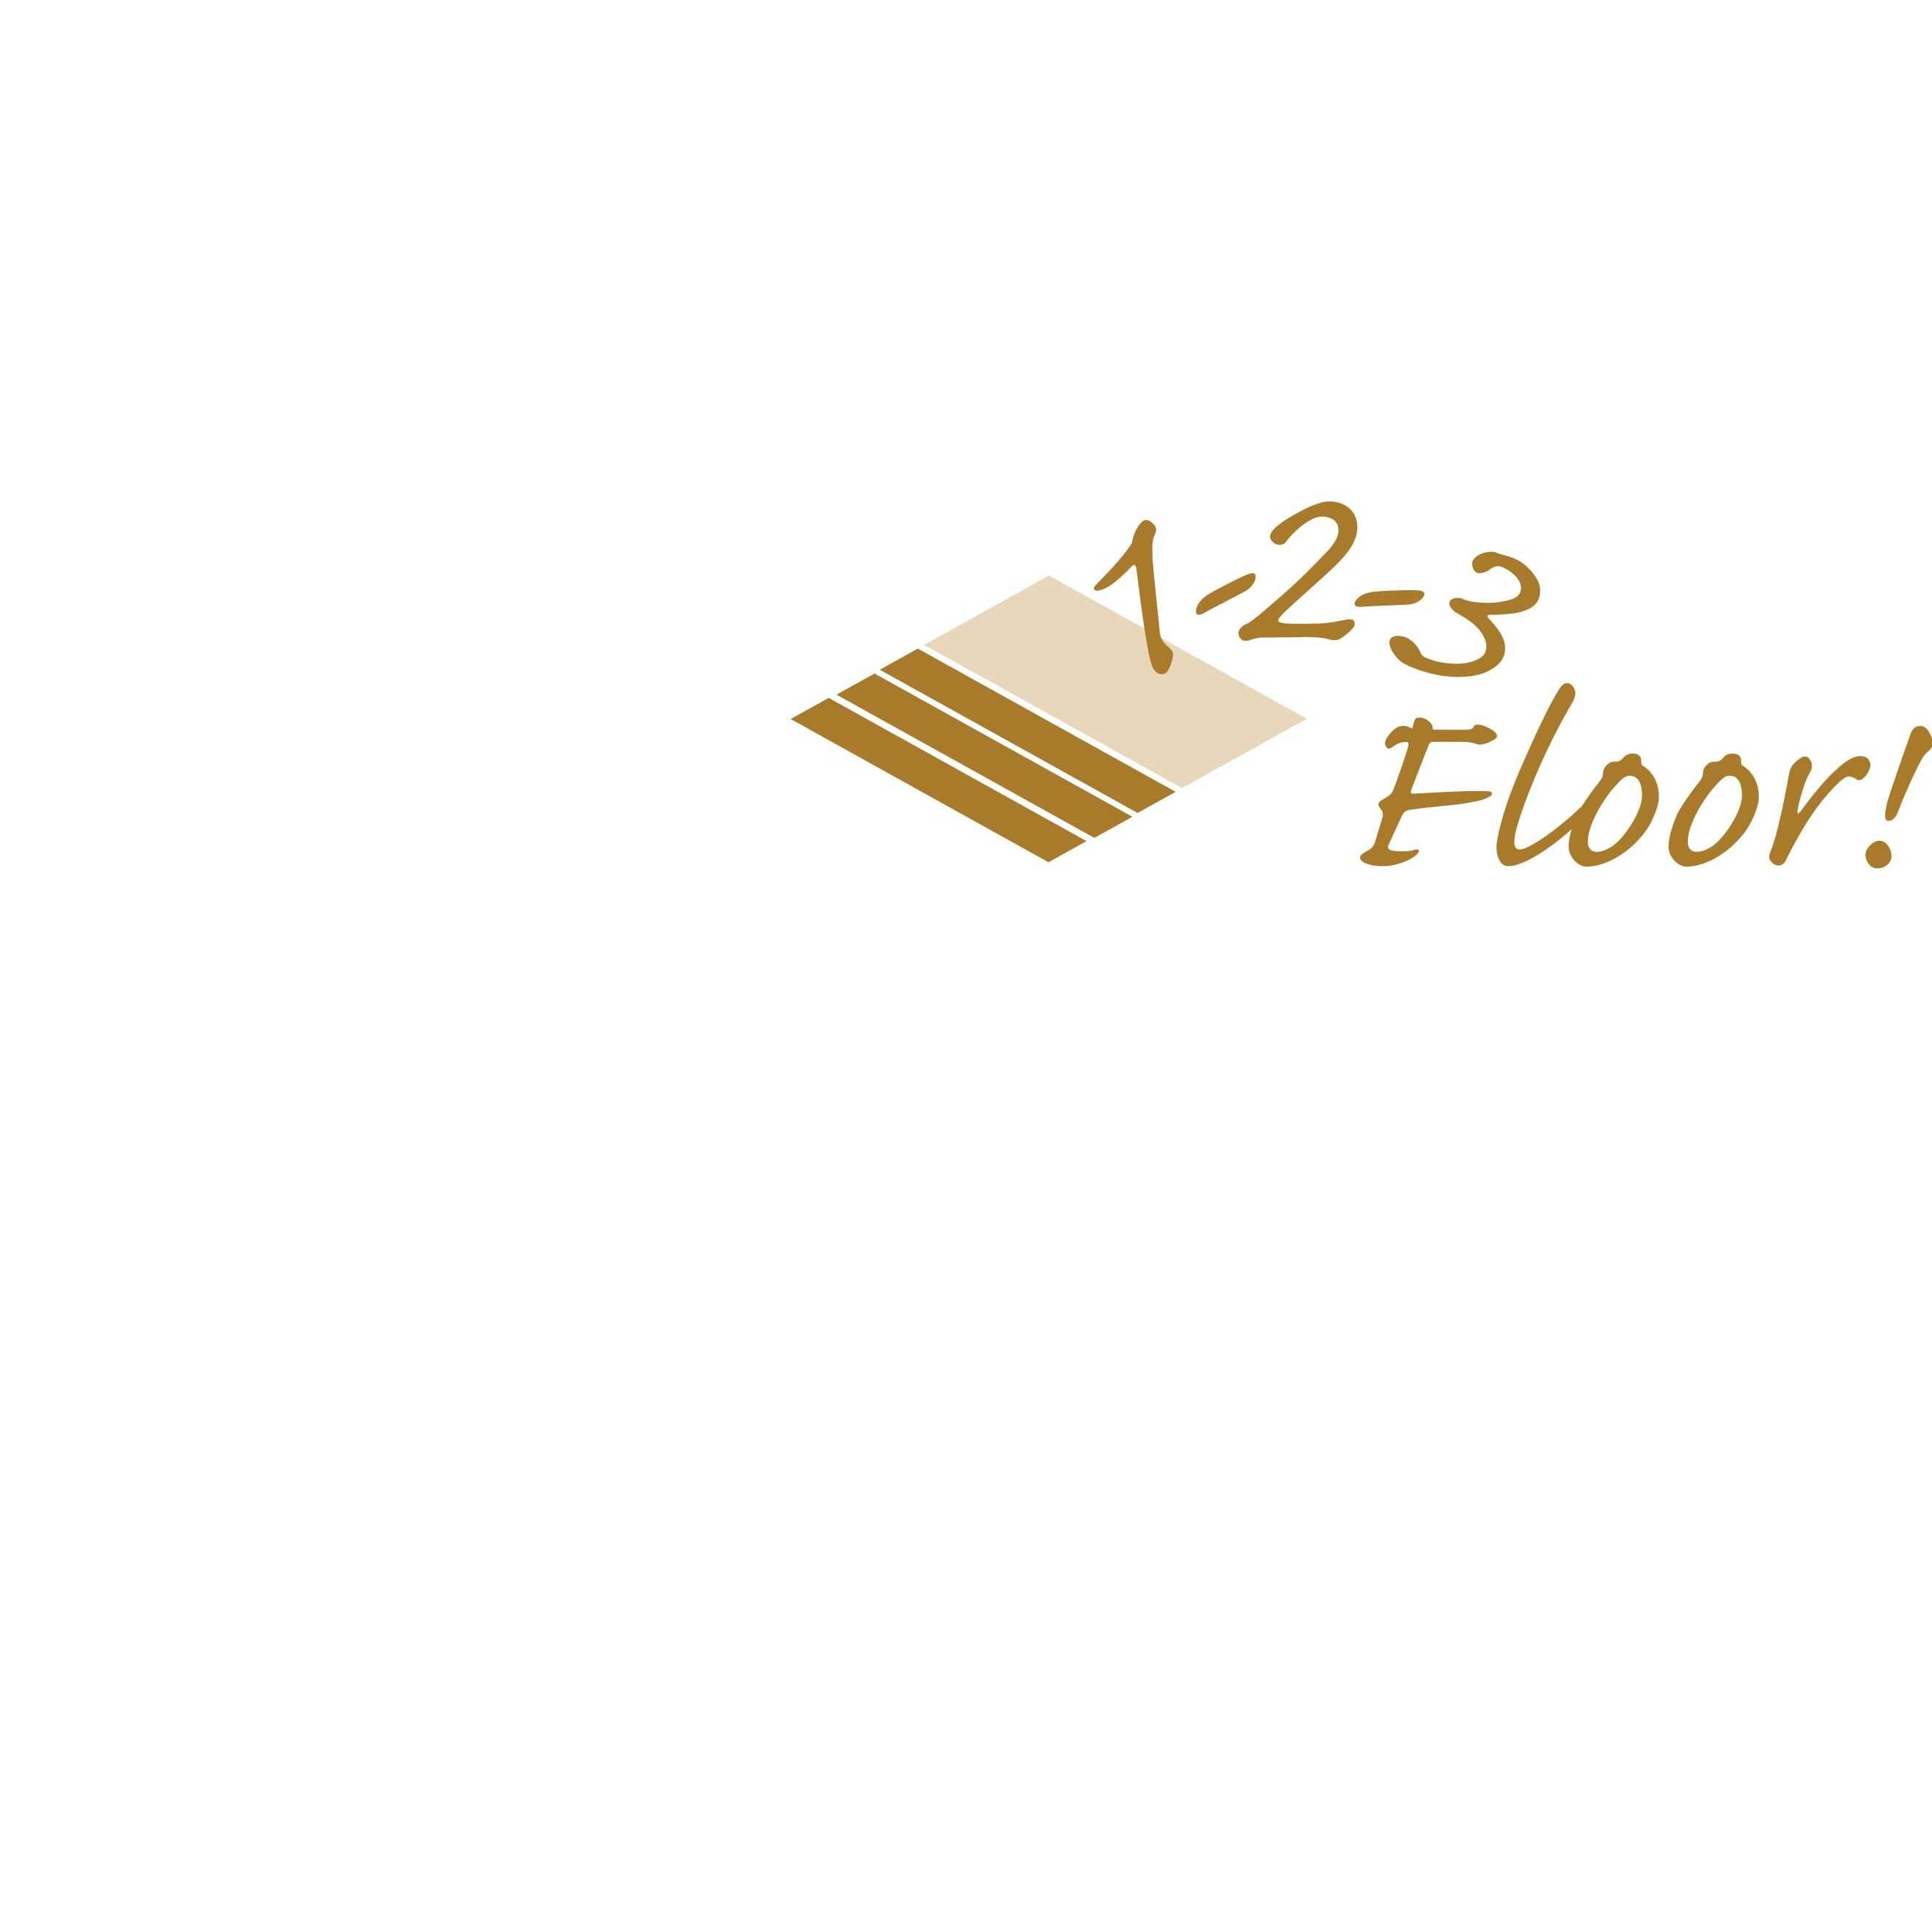 1-2-3 Floor!